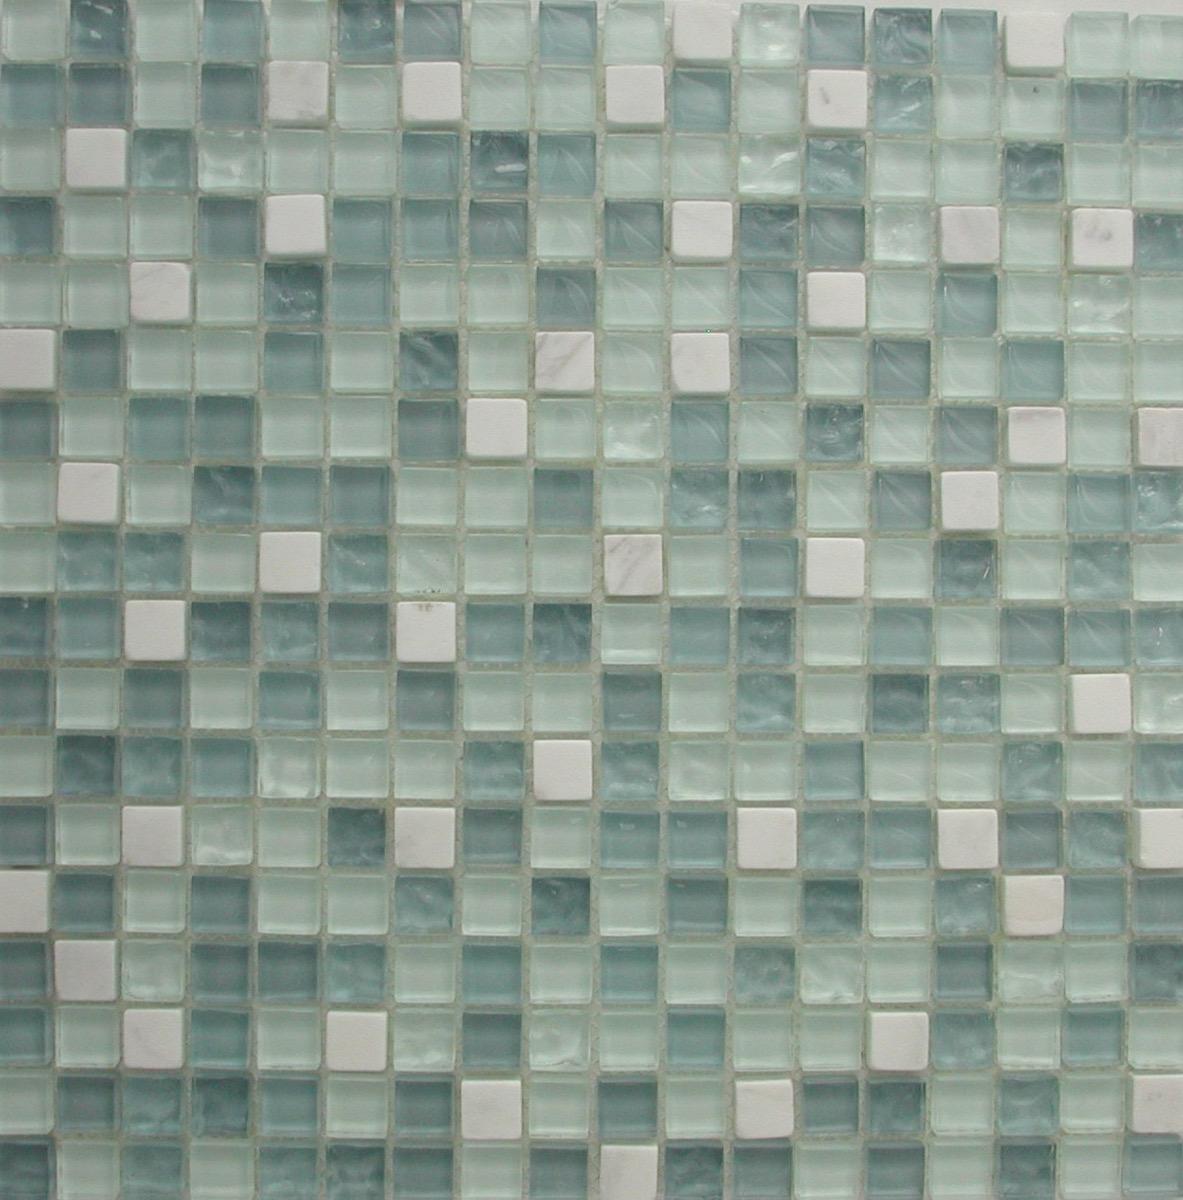 bleu mosaique mix bleu turquoise clair et marbre blanc pate de verre vetrocristal plaque 30 cm